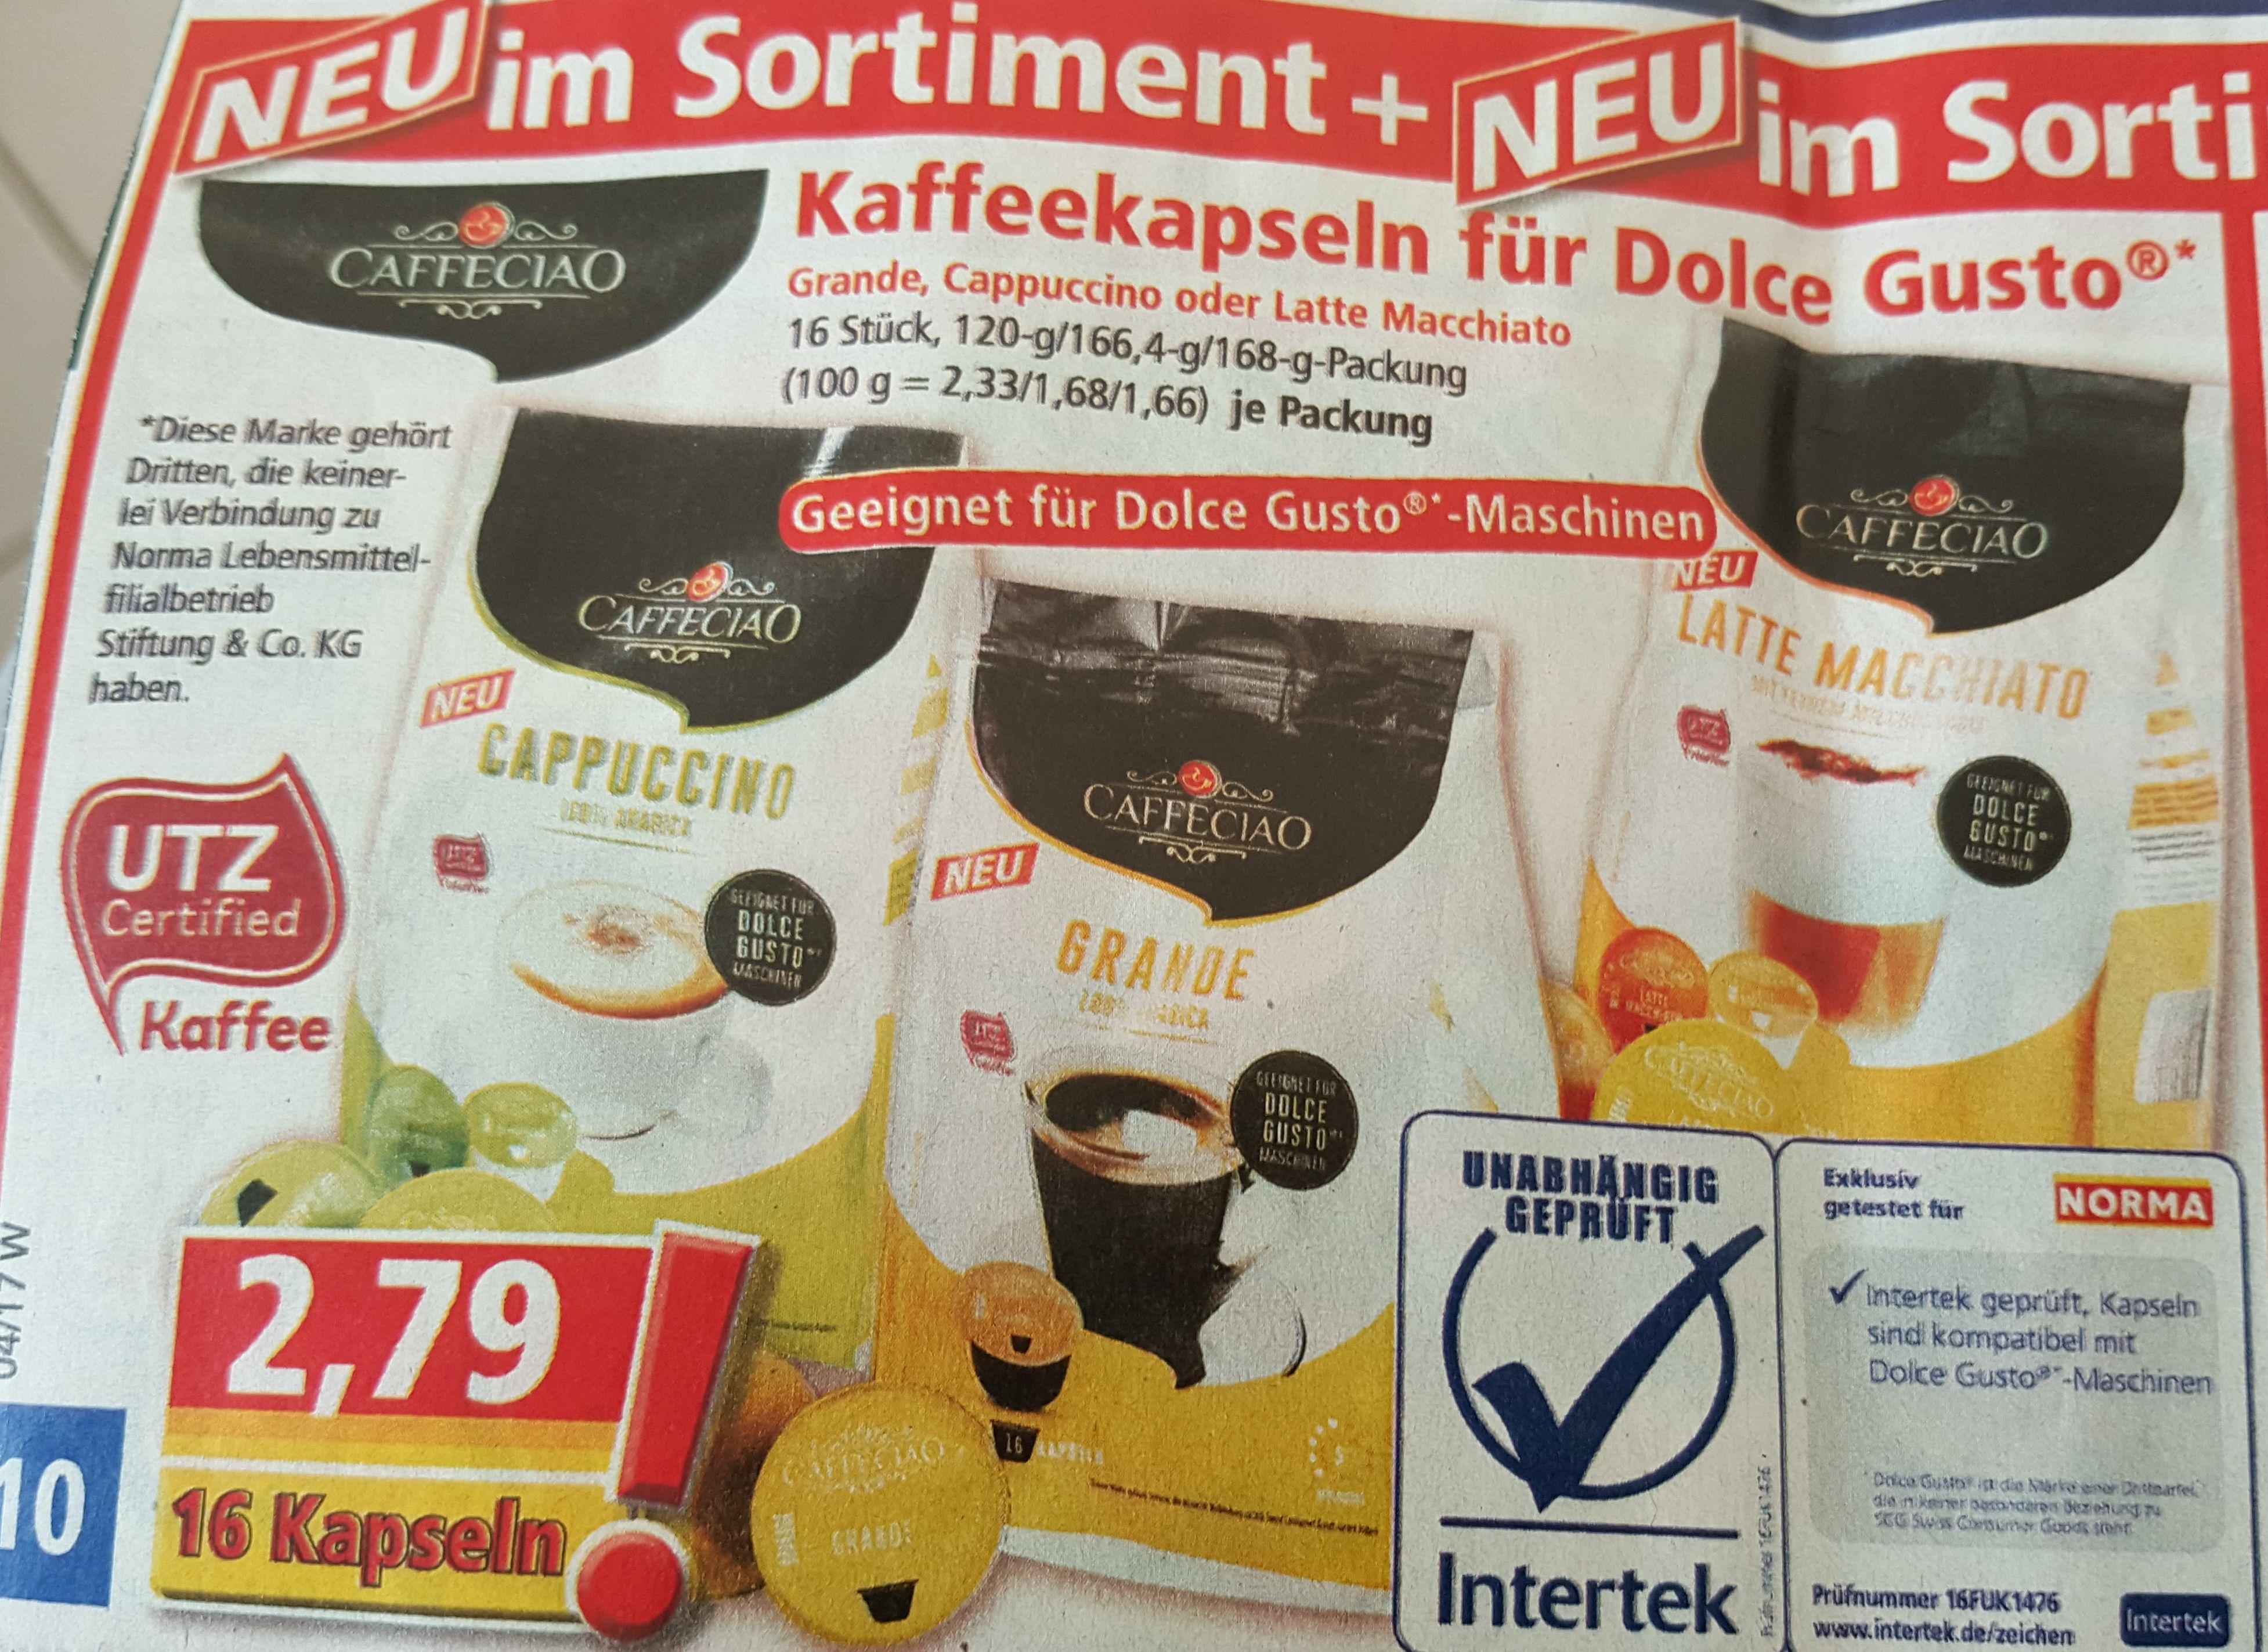 Kapseln für Dolce Gusto Maschinen bei Norma Neu im Sortiment für 2,79€